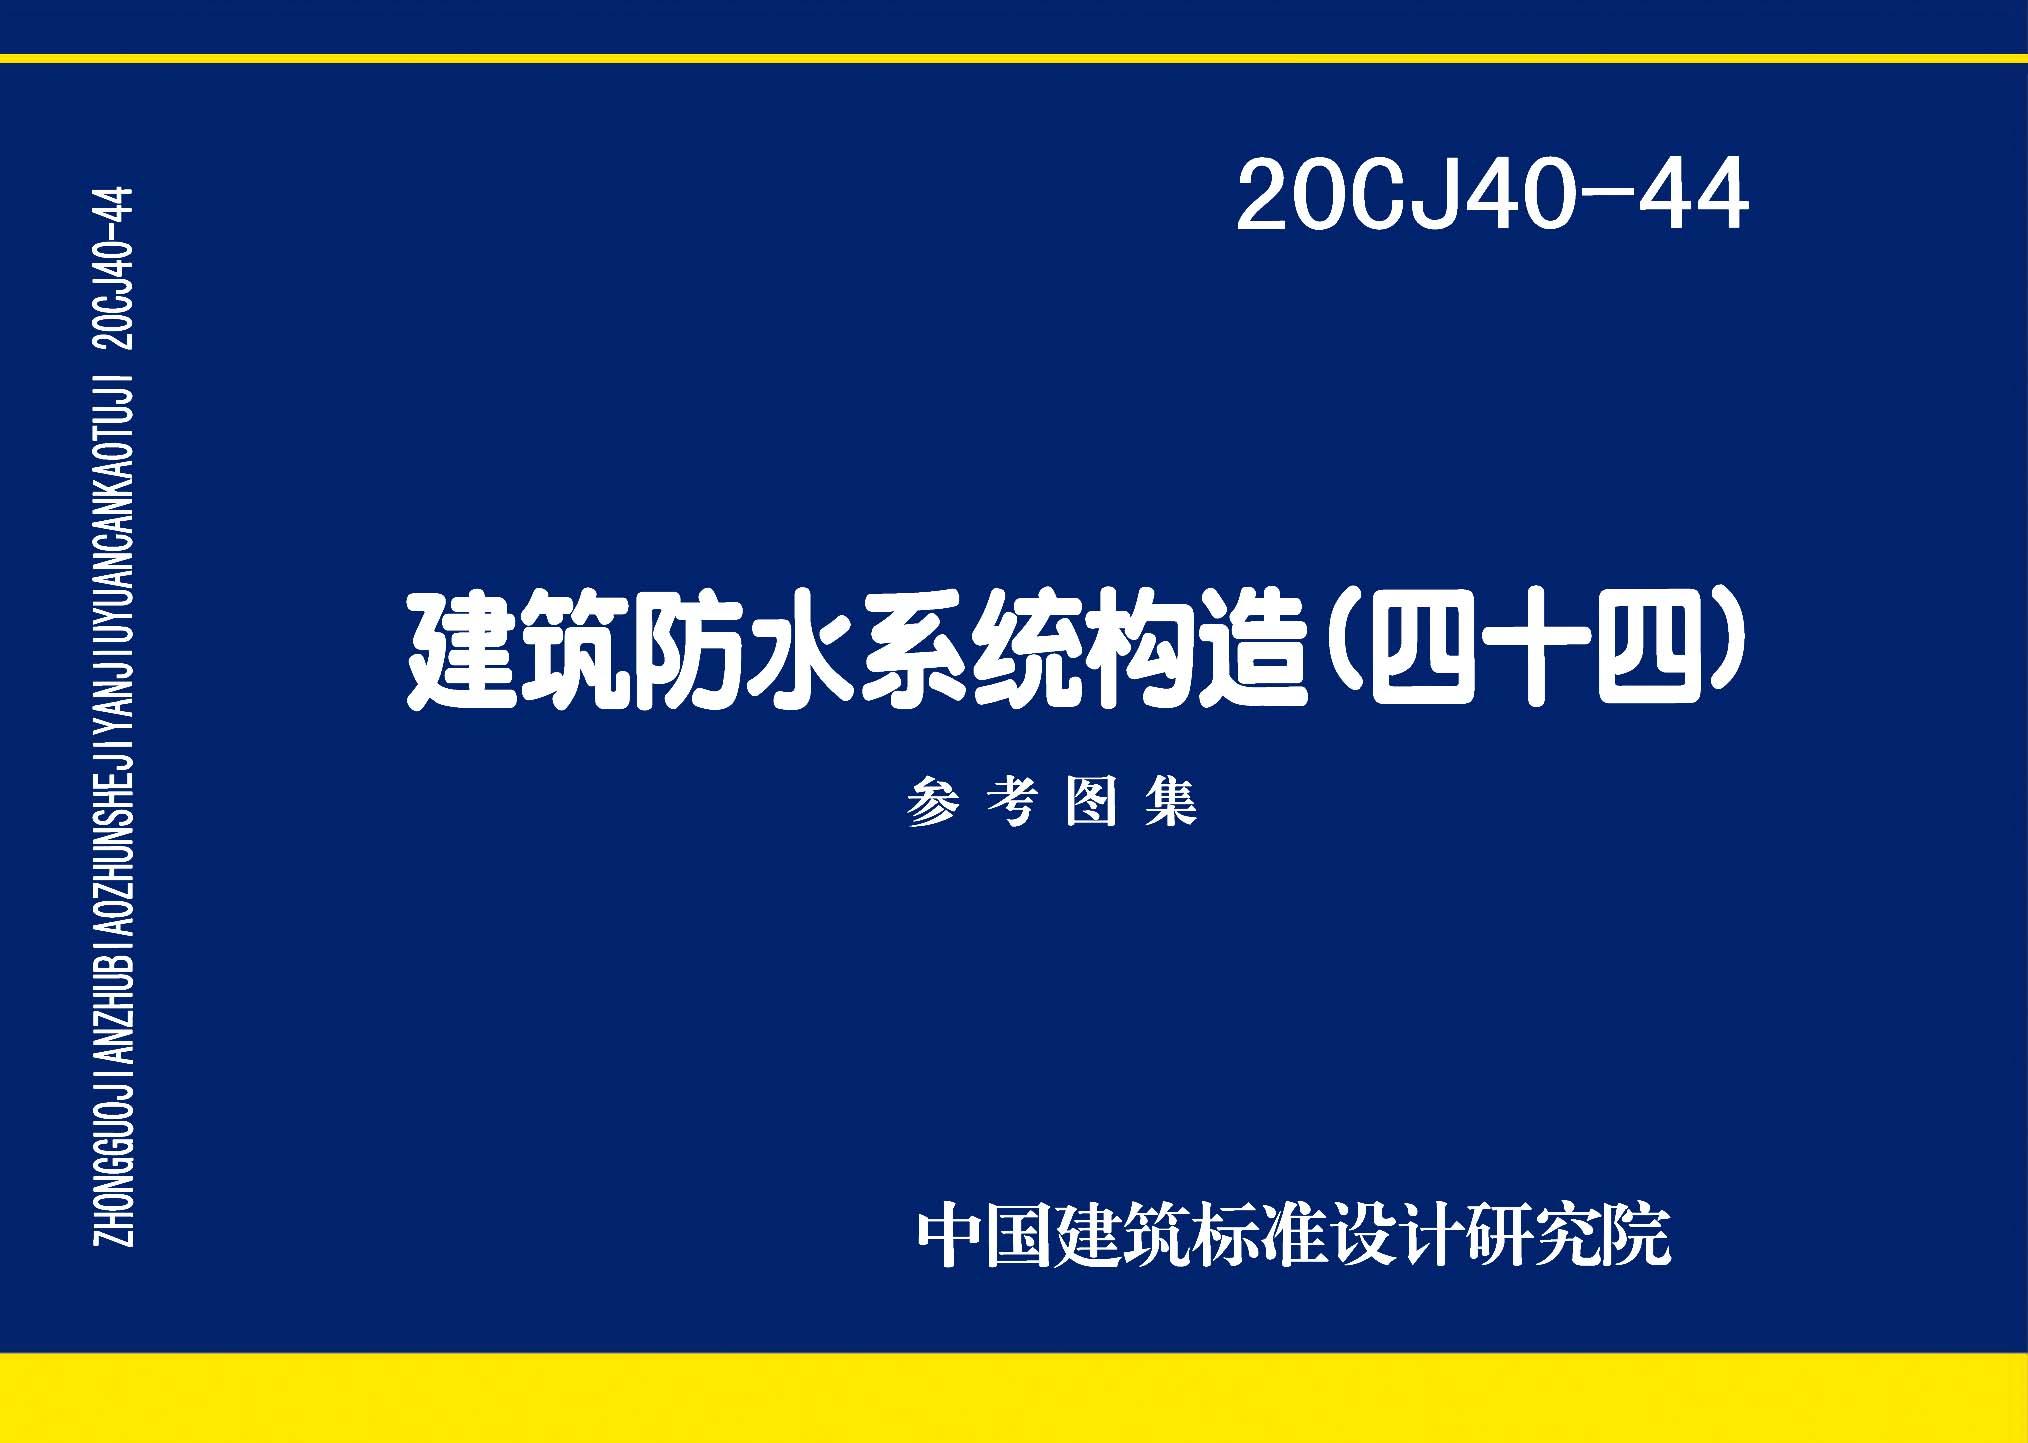 20CJ40-44:建筑防水系统构造(四十四)